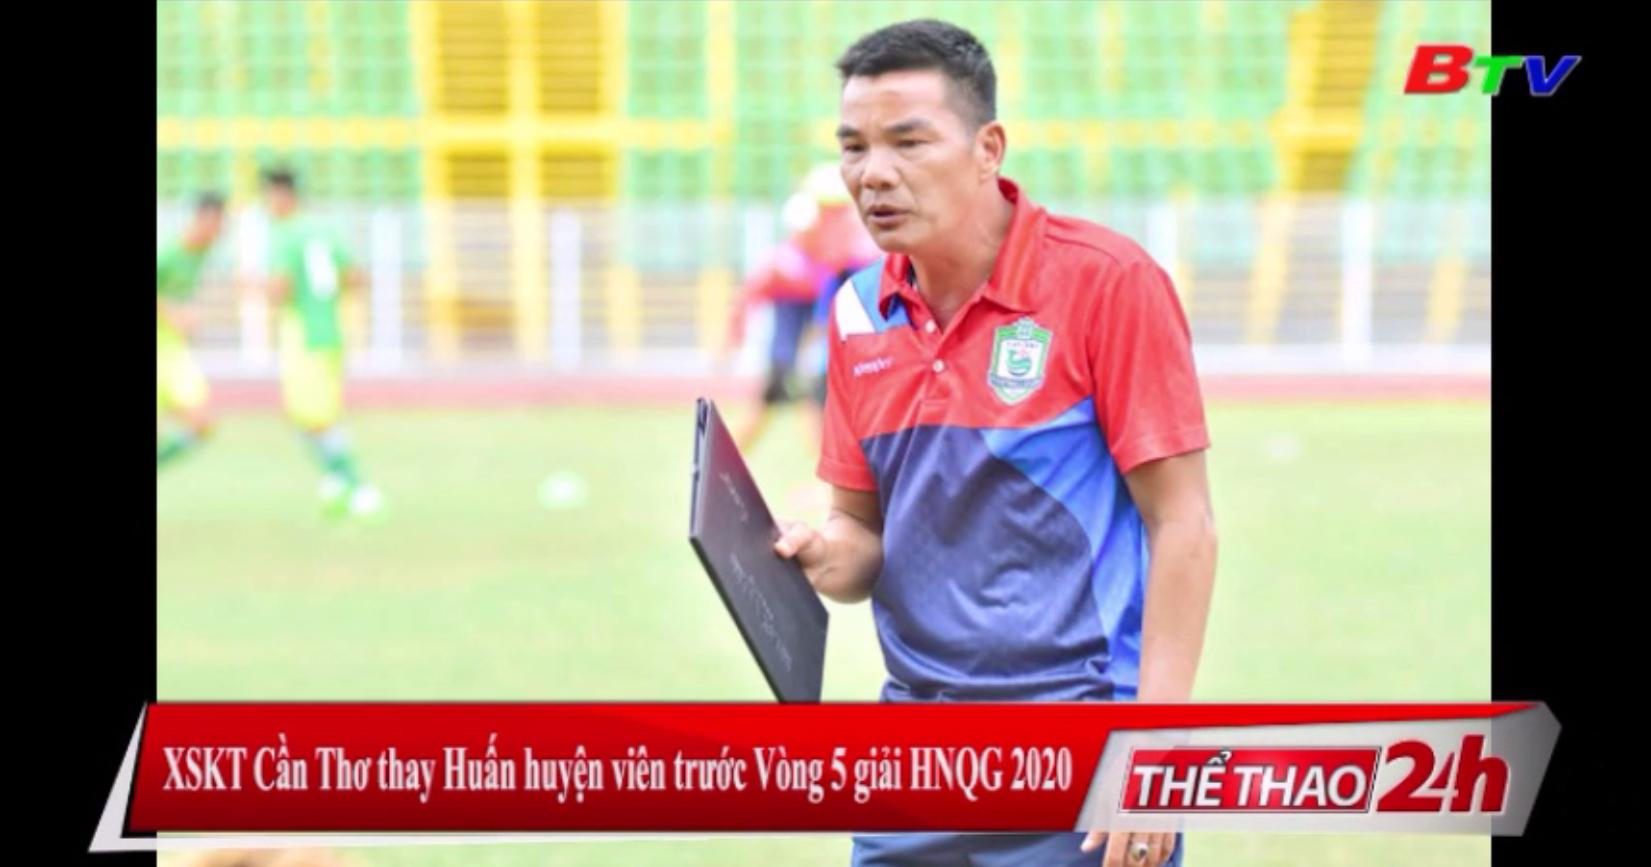 XSKT Cần Thơ thay Huấn luyện viên trước Vòng 5 giải HNQG 2020